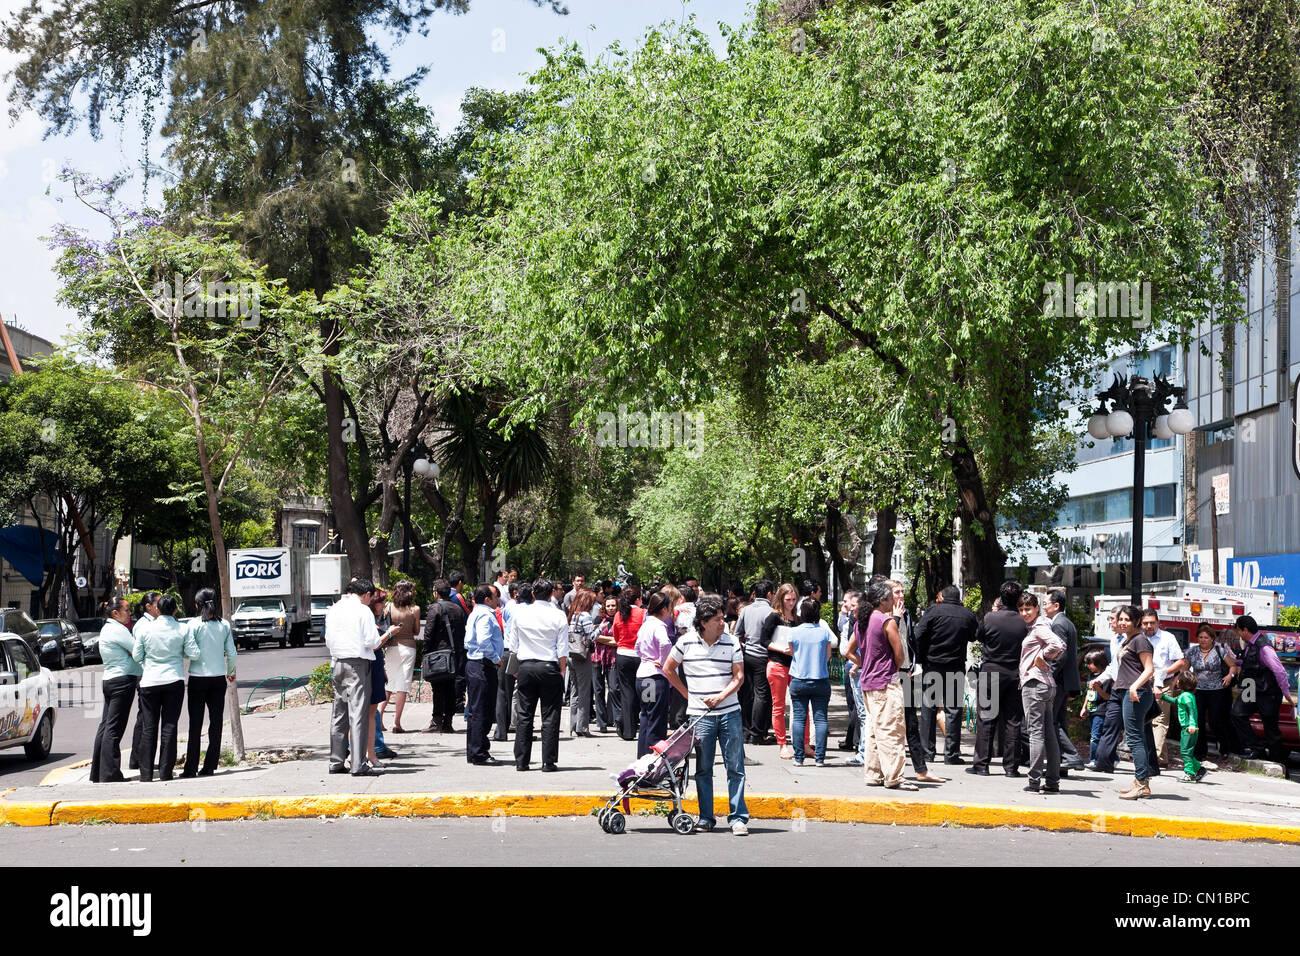 Persone si affollano il parcheggio centrale mediana di Alvaro Obregon dopo la chiusura degli edifici seguenti tremore Immagini Stock